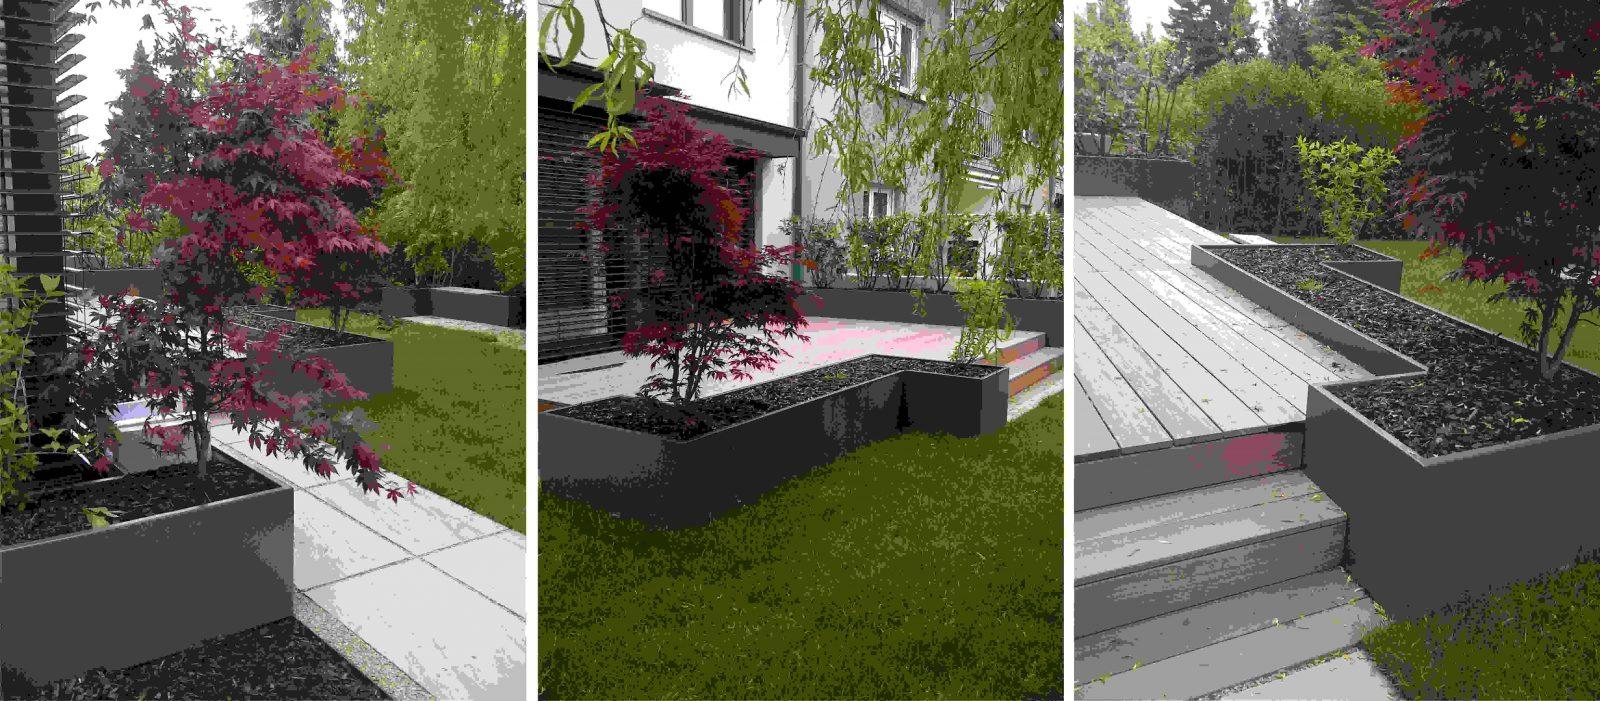 Sichtschutz Garten Modern Ist Tolle Ideen Von Moderner Sichtschutz von Moderner Sichtschutz Im Garten Photo